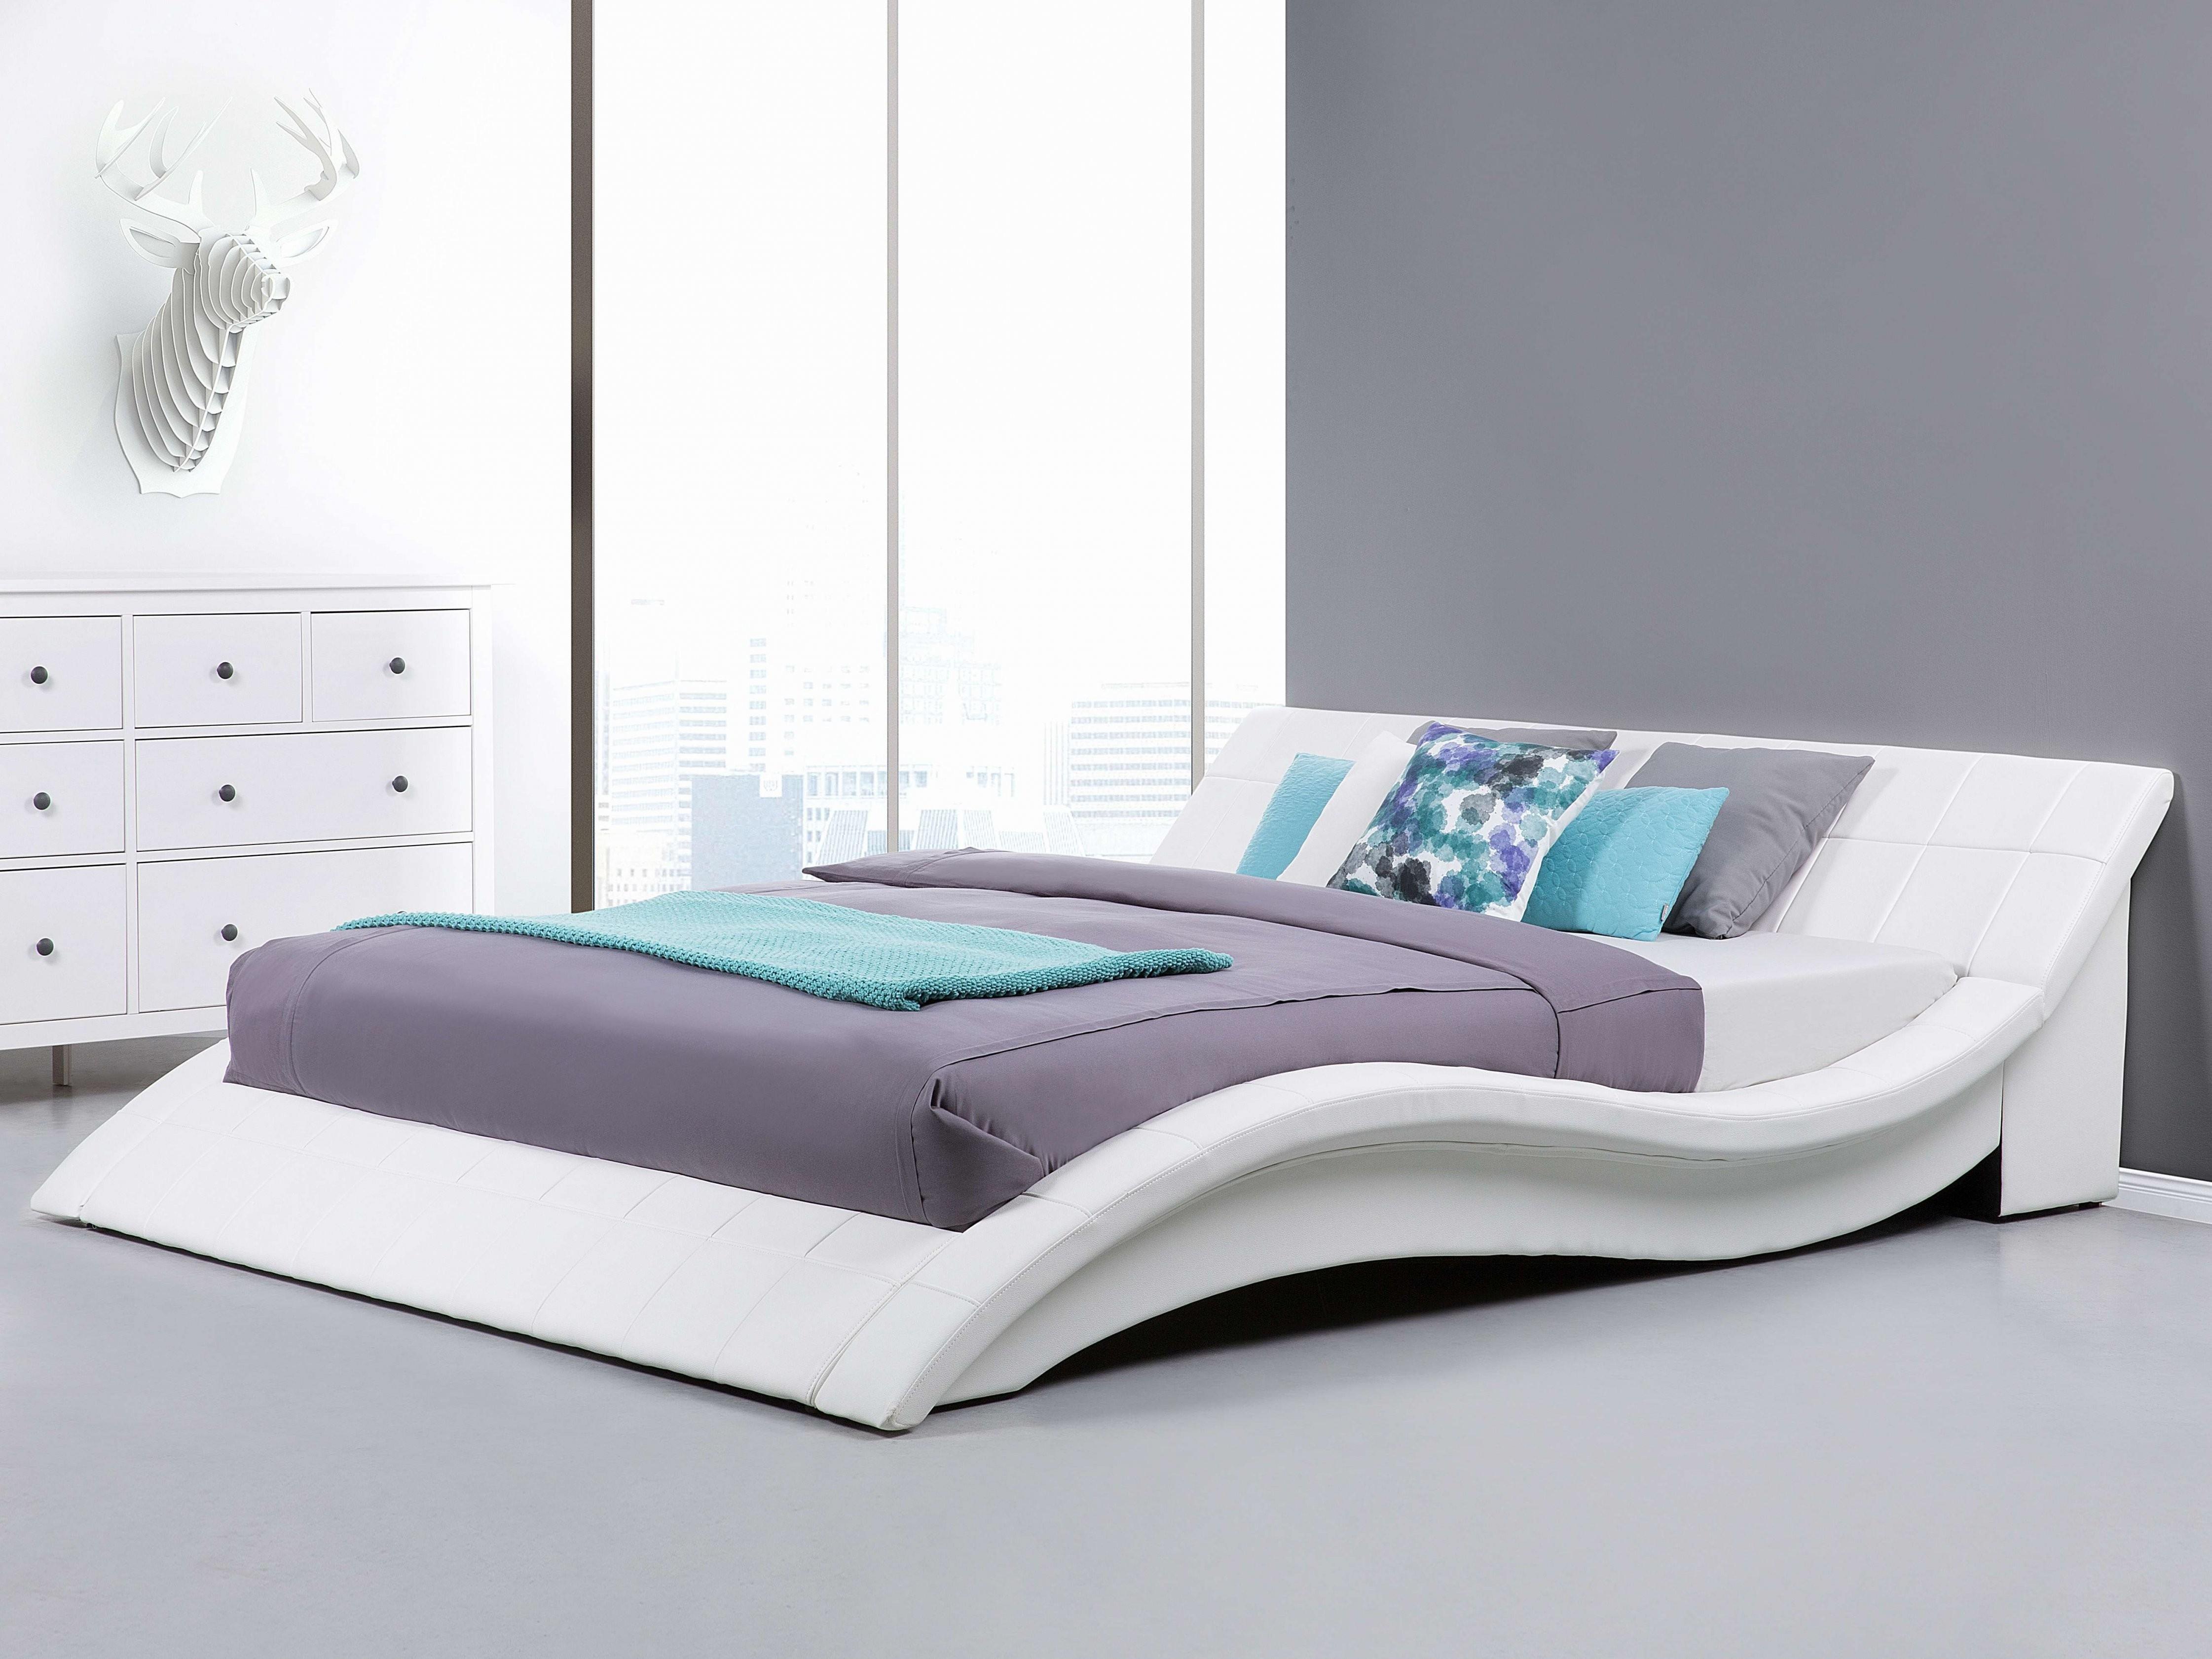 60 Fresh Bett 180X200 Mit Lattenrost Und Matratze  Ubumenyi von Bett 180X200 Komplett Mit Lattenrost Und Matratze Bild